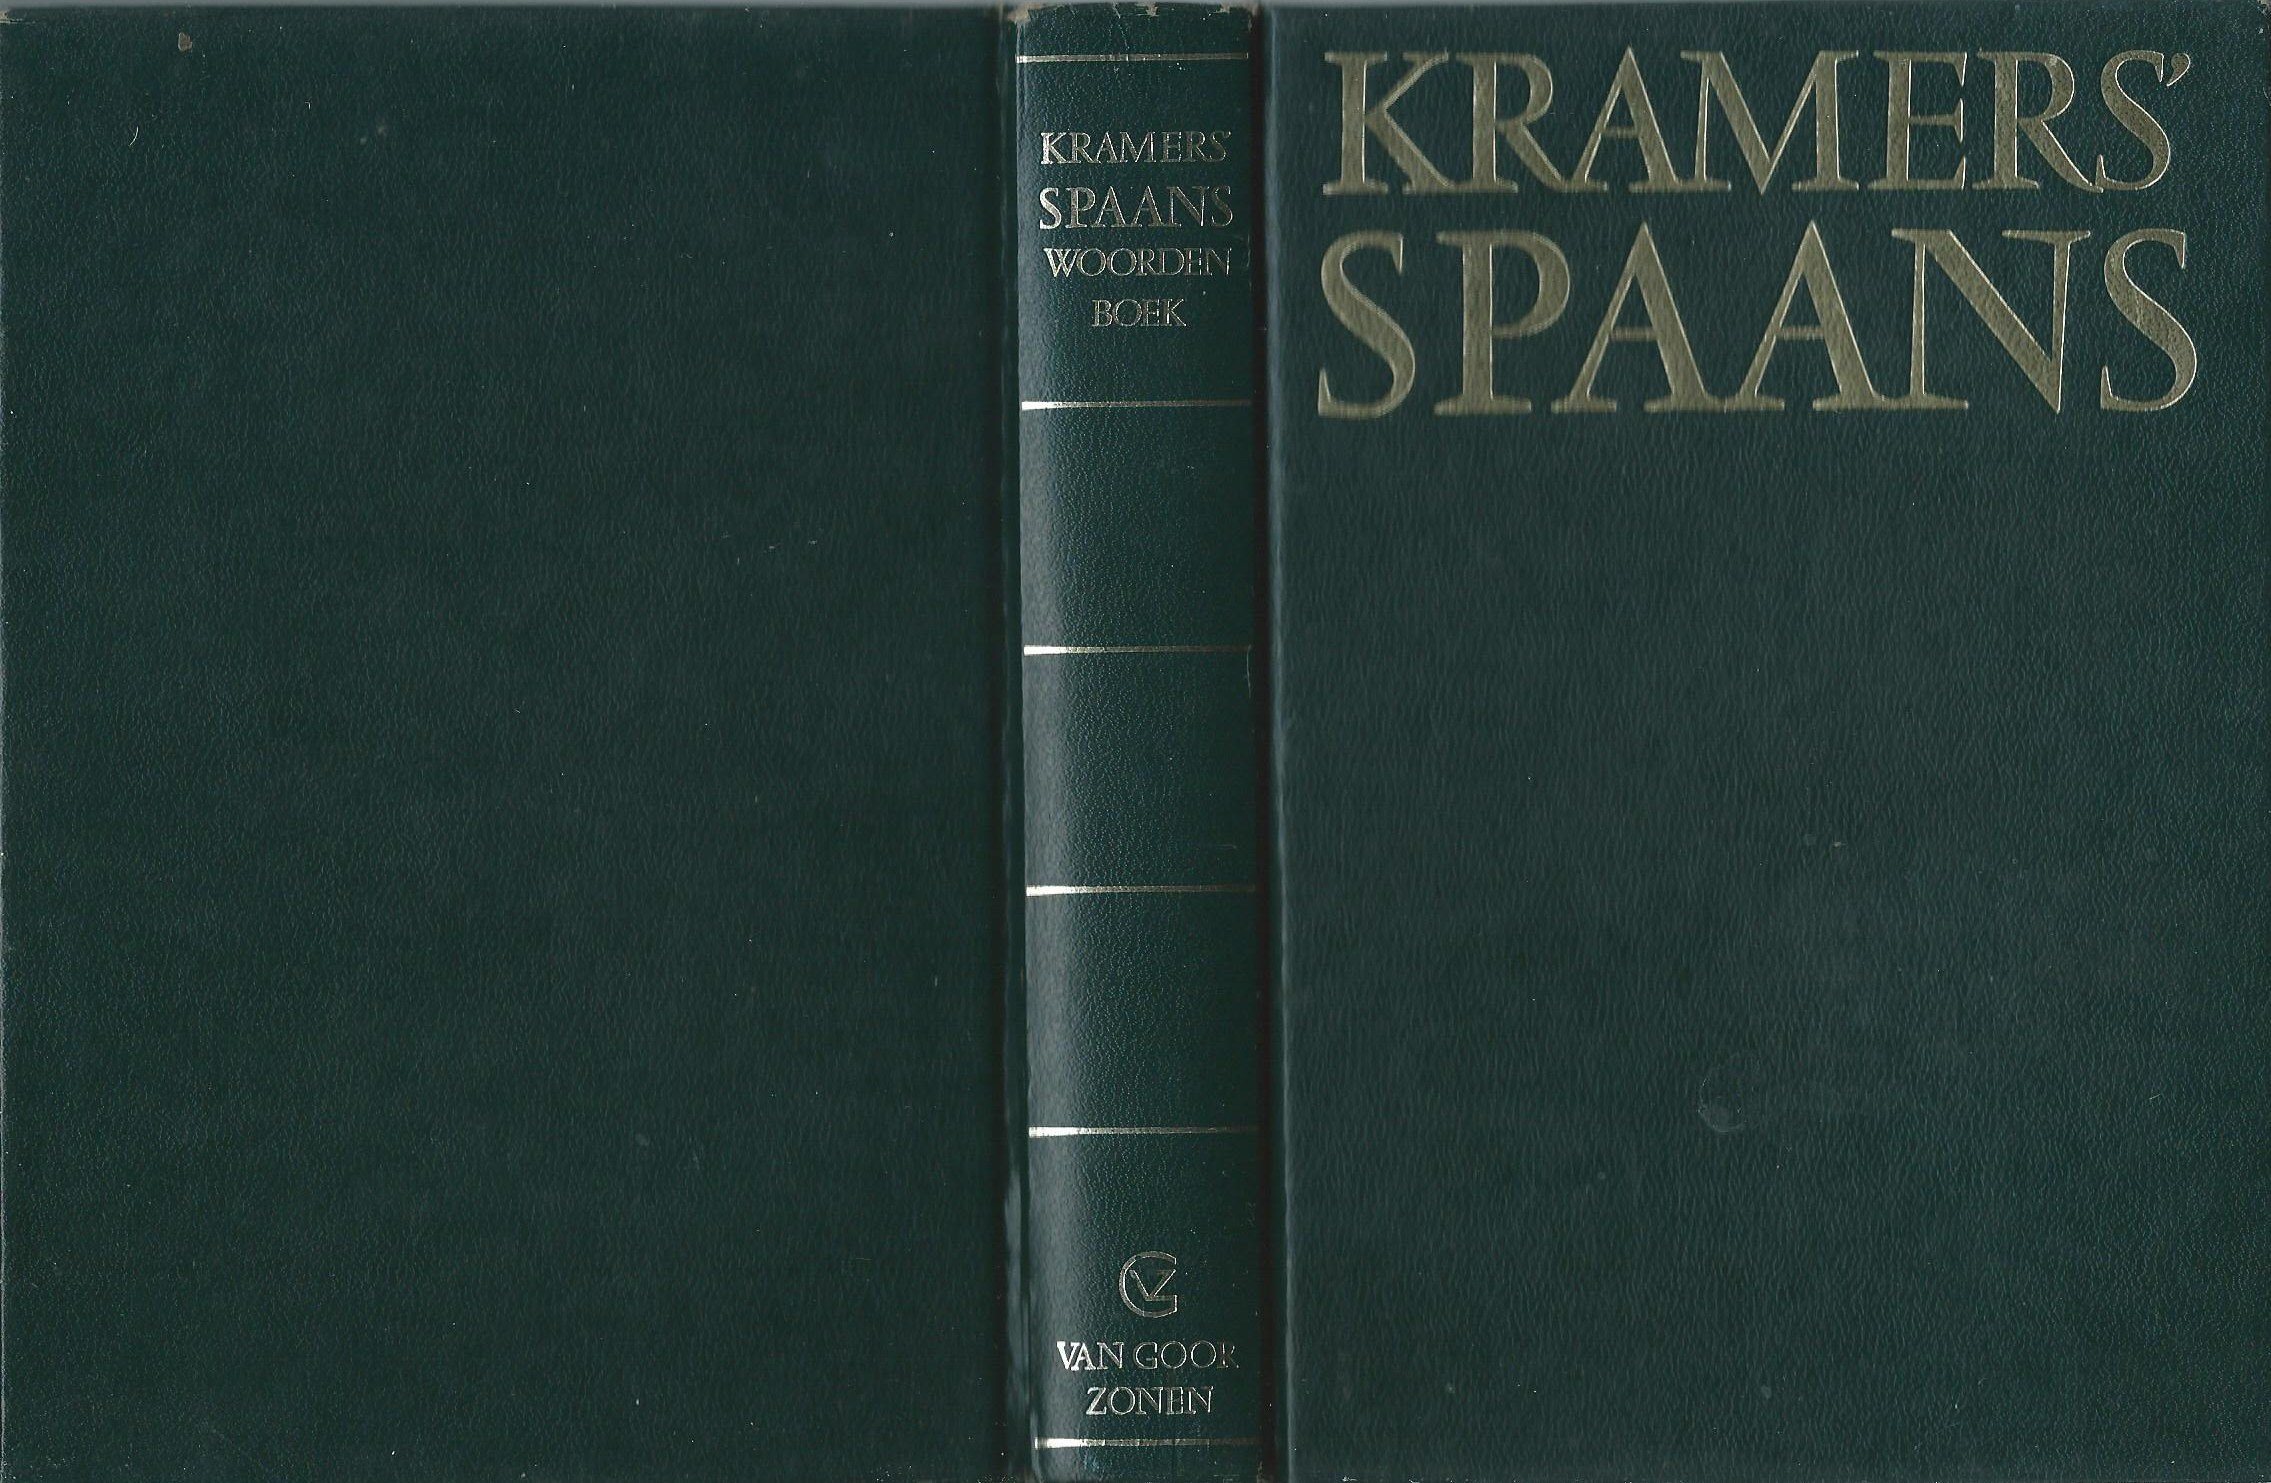 Kramers' woordenboek Spaans...